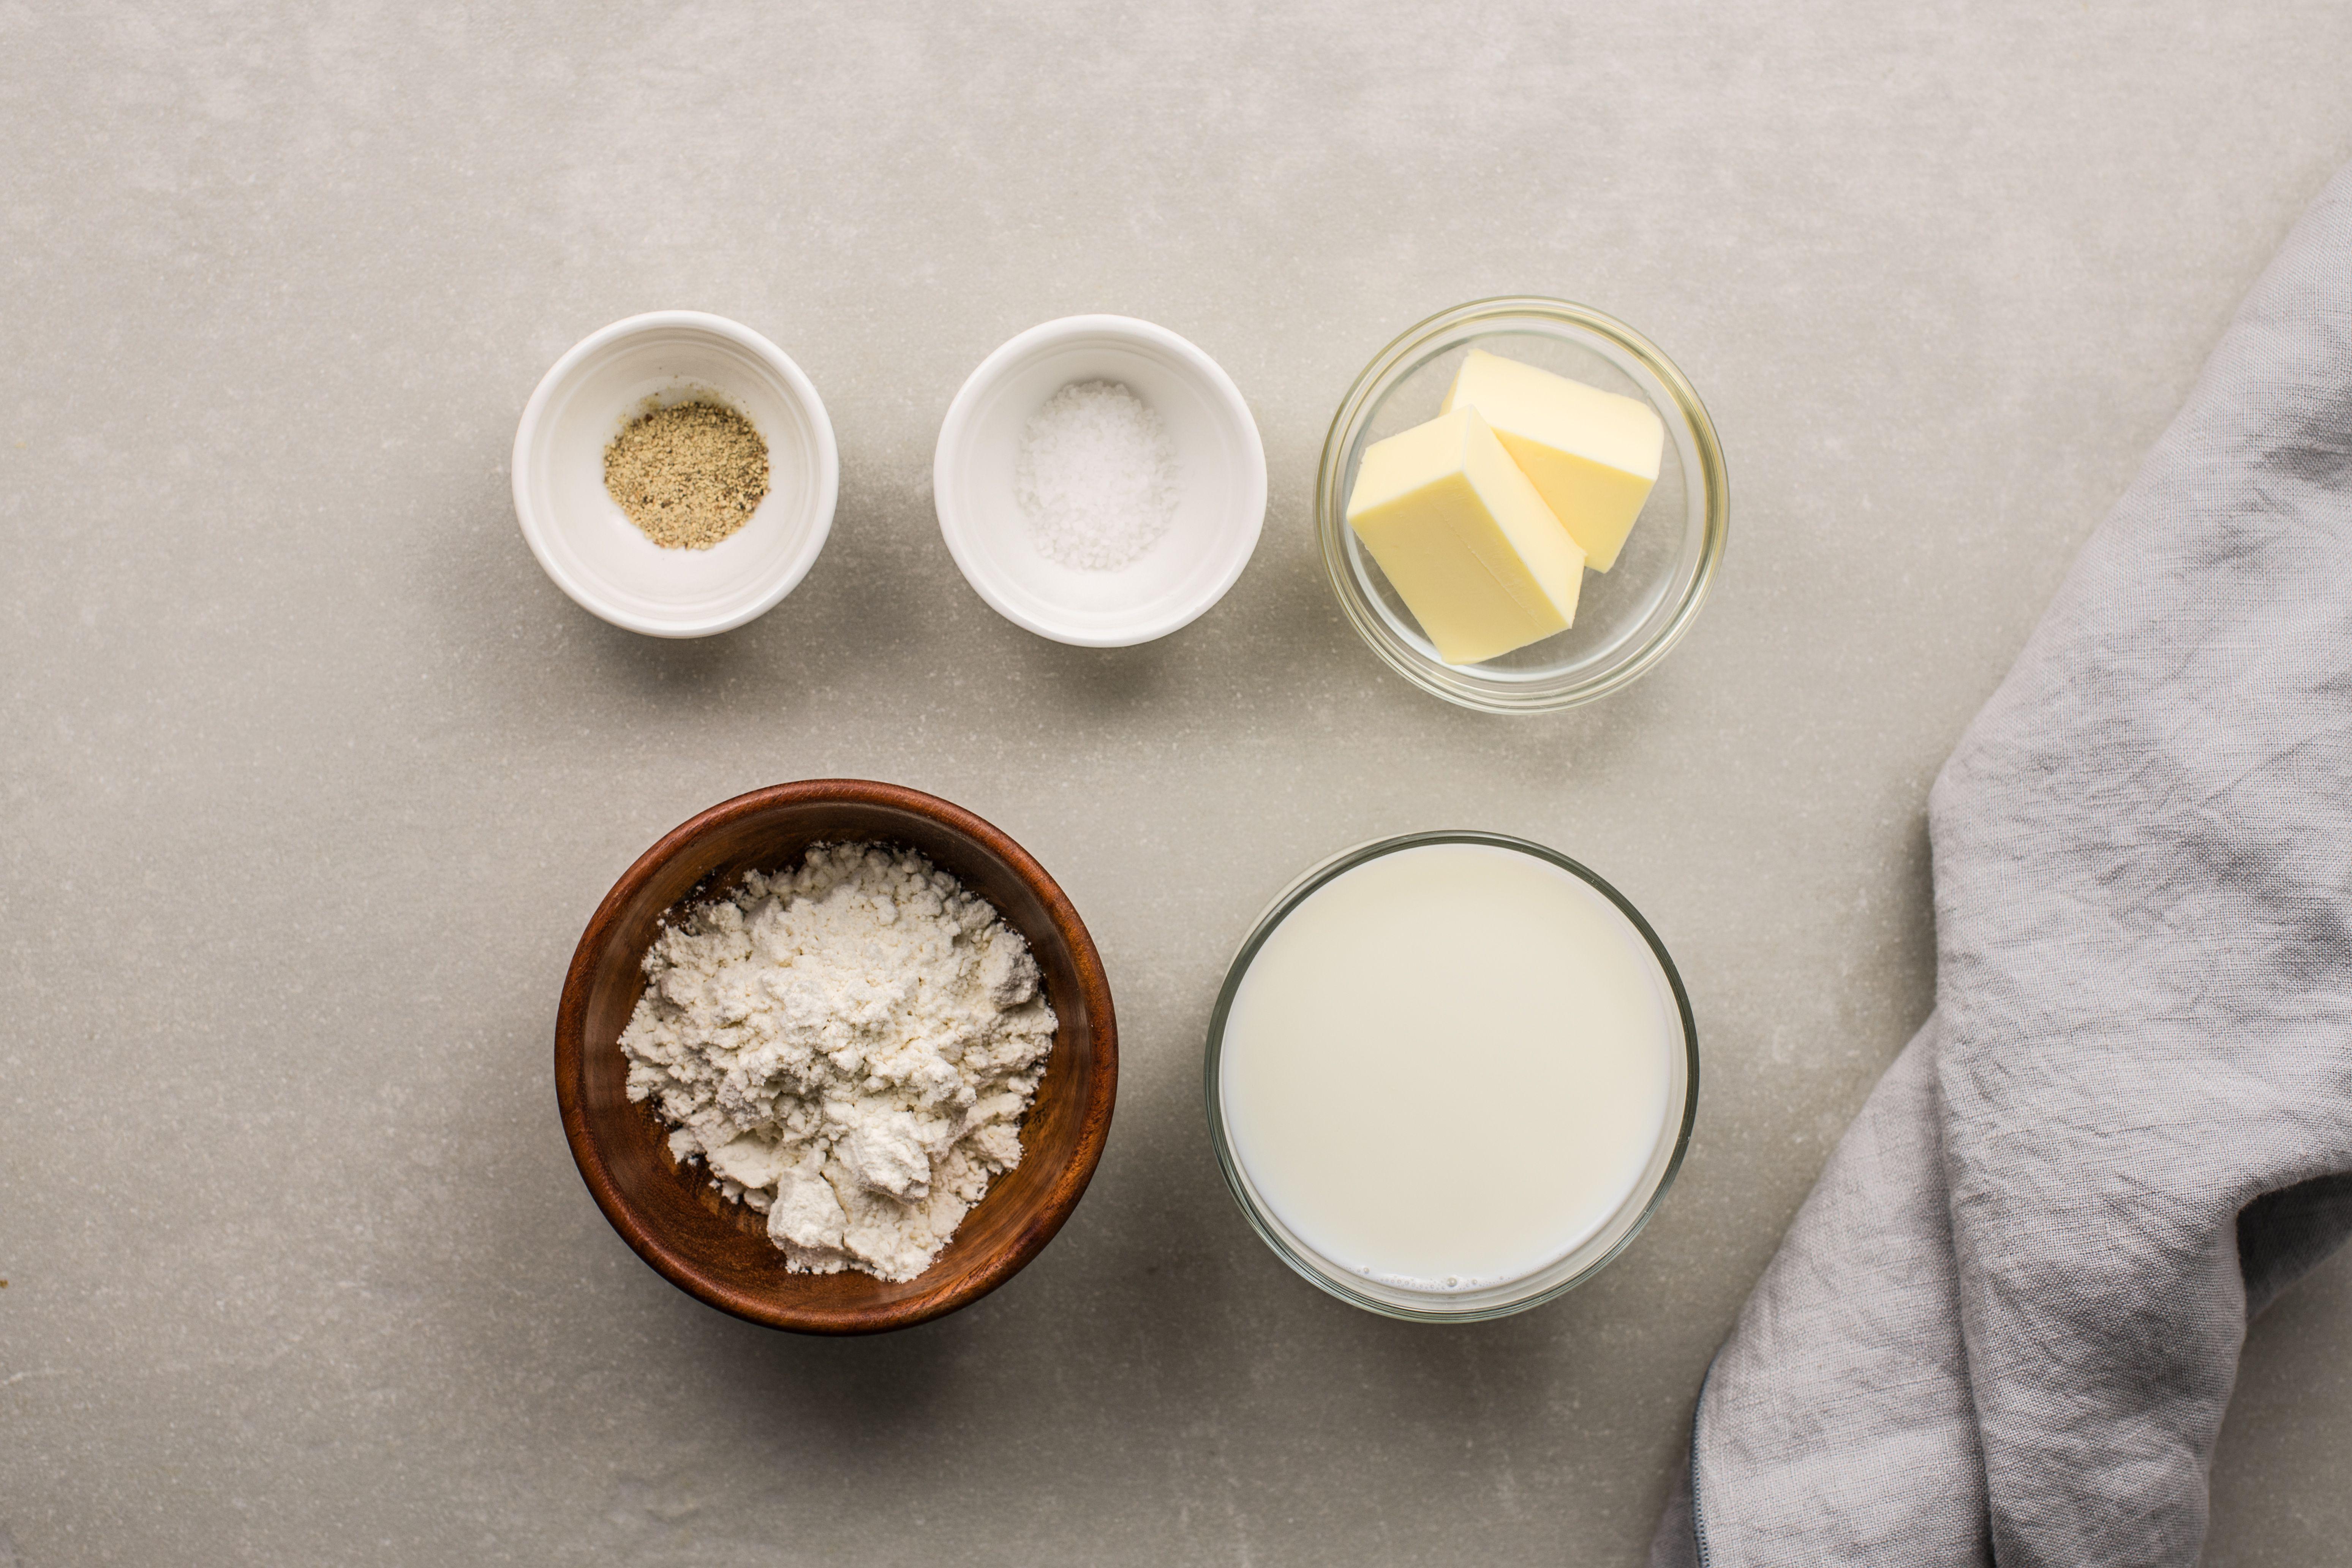 Basic White Sauce ingredients